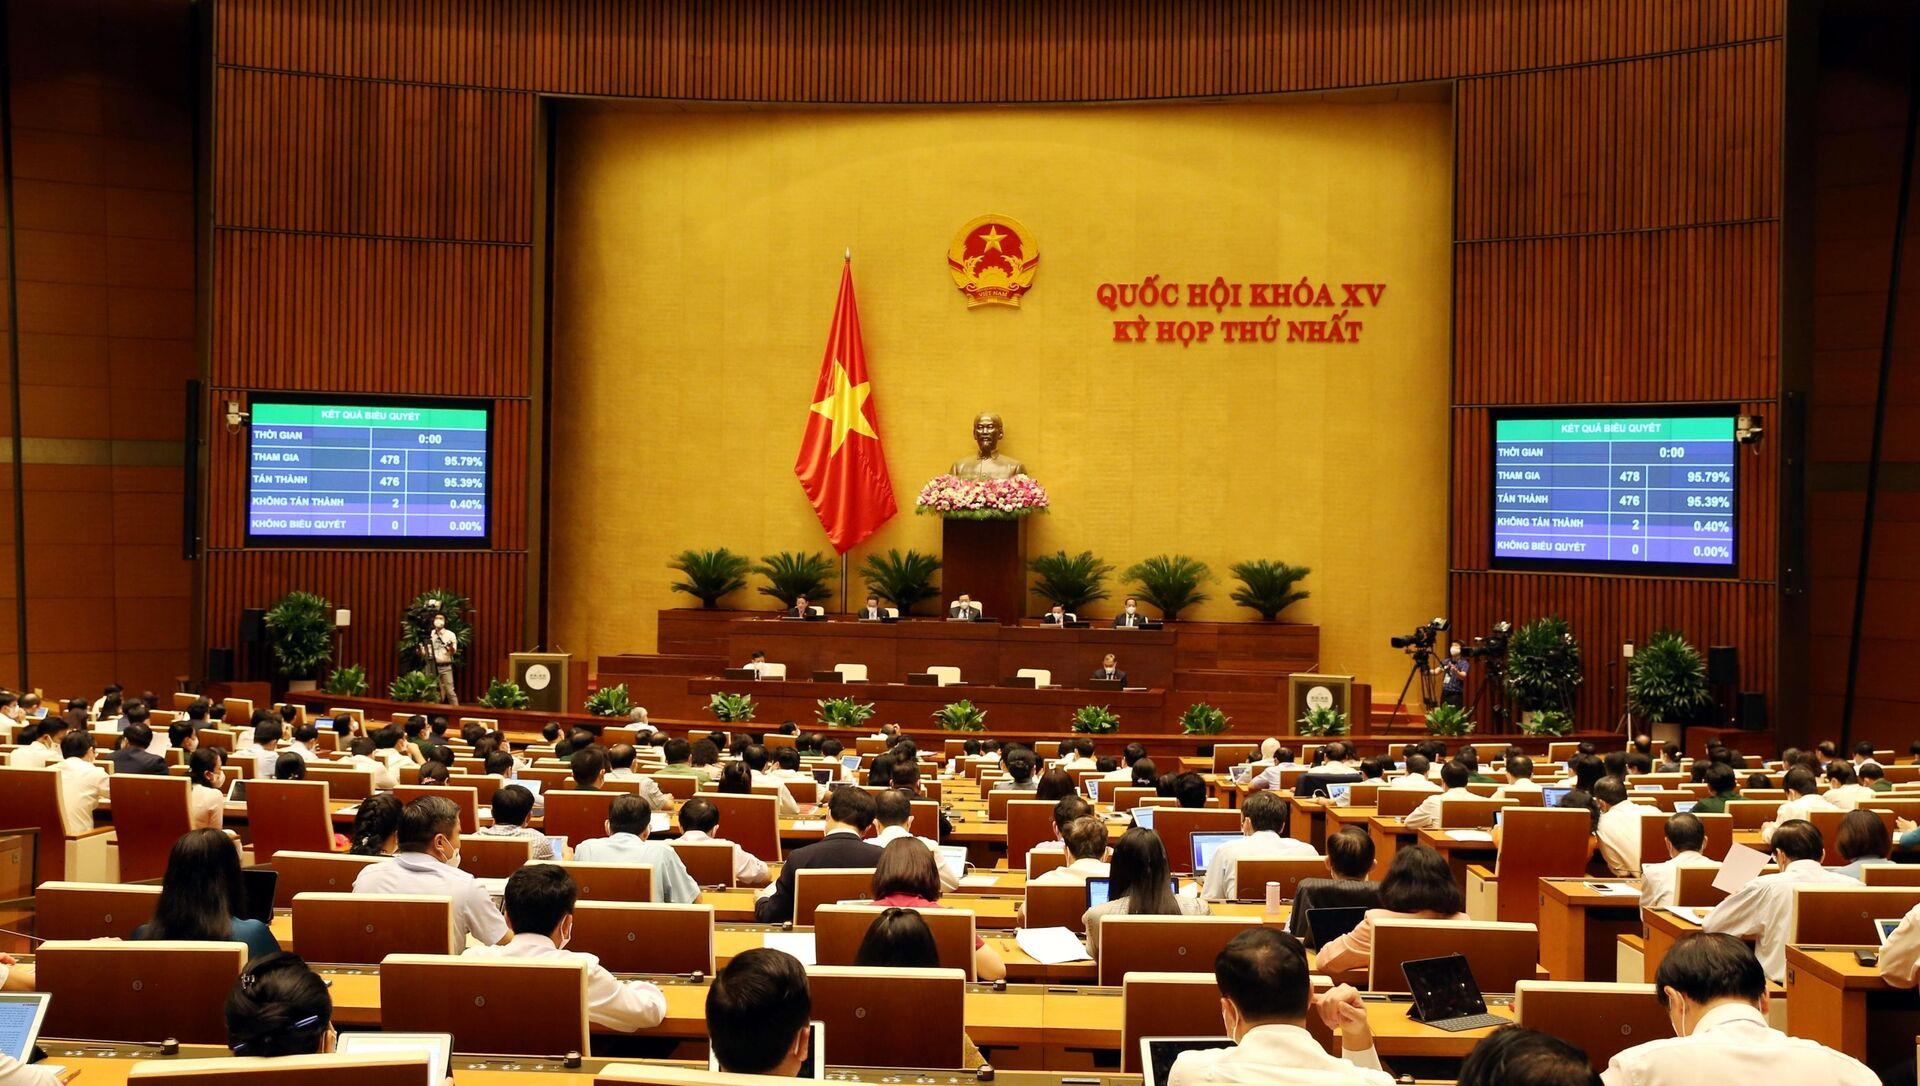 Kỳ họp thứ nhất, Quốc hội khóa XV - Sputnik Việt Nam, 1920, 28.07.2021